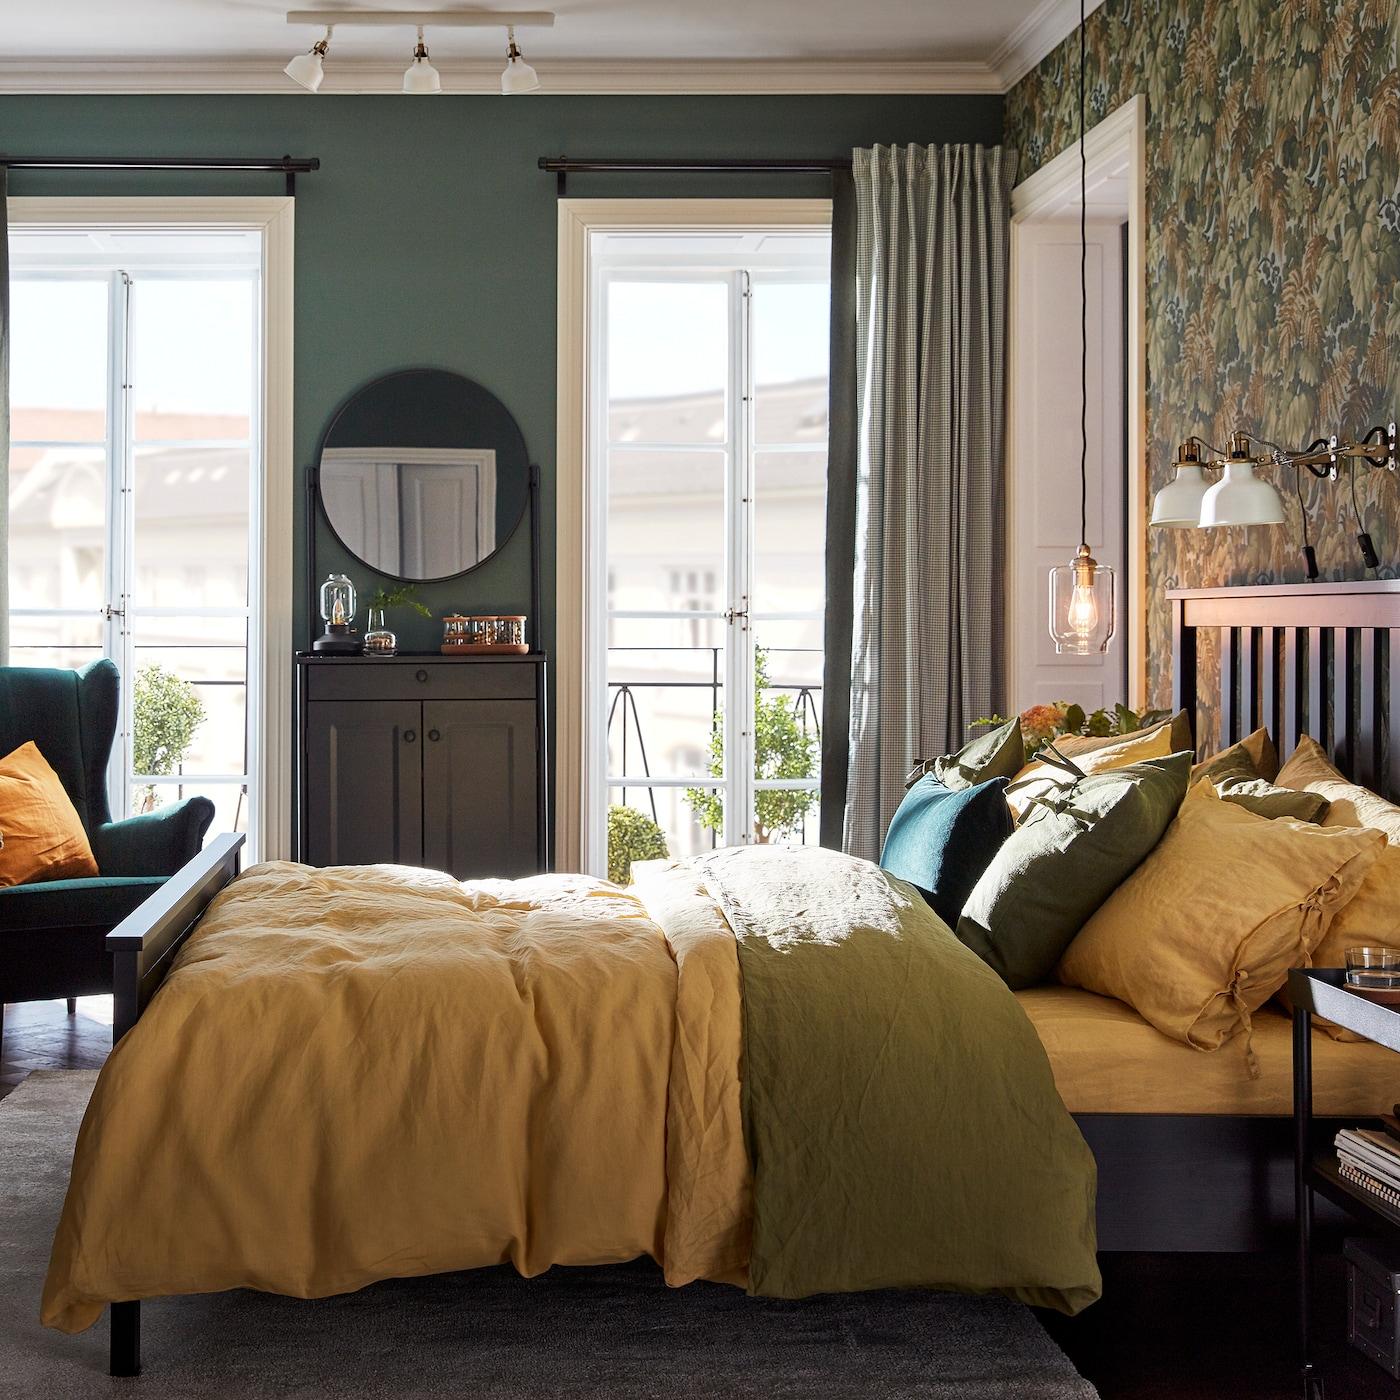 Um quarto com uma cama com almofadas e capas de edredão em verde e amarelo, um armário com um espelho e uma poltrona em verde.